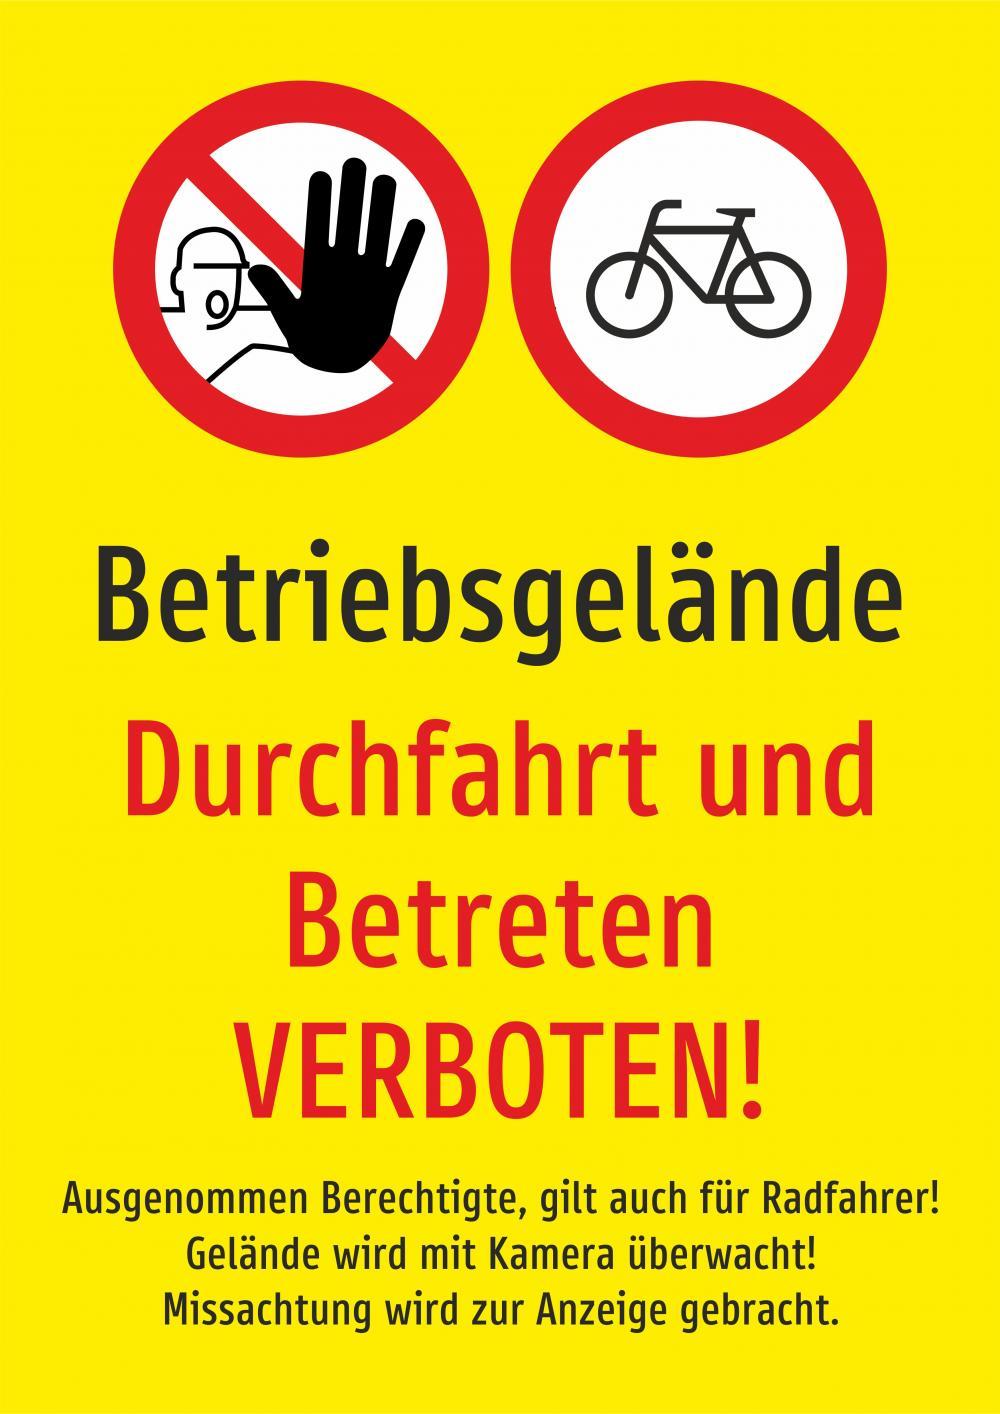 Betriebsgelände - Durchfahrt und Betreten verboten GELB